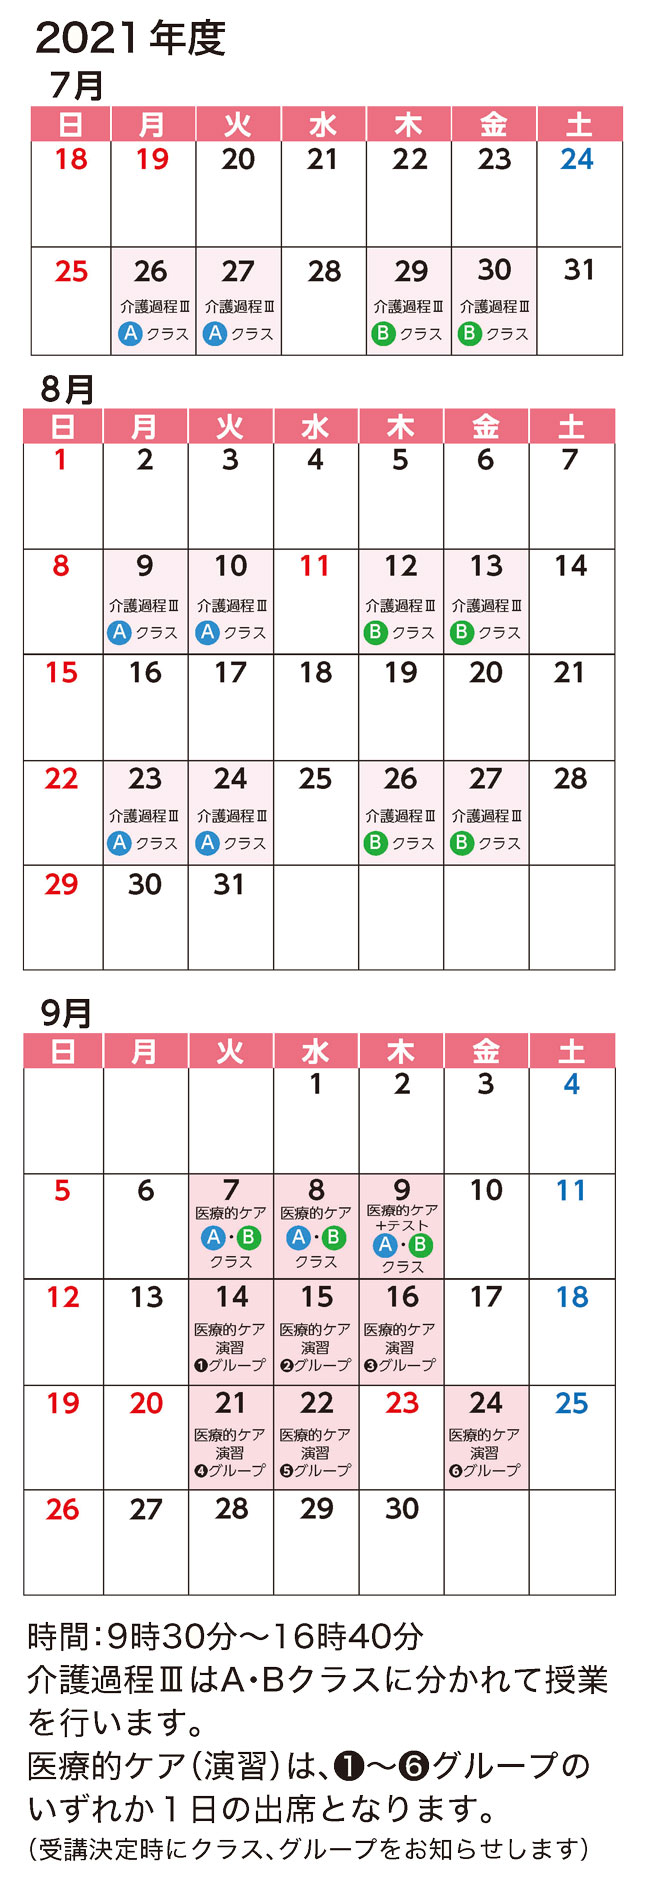 2019年の日程|介護福祉士実務者研修|長岡三古老人福祉会